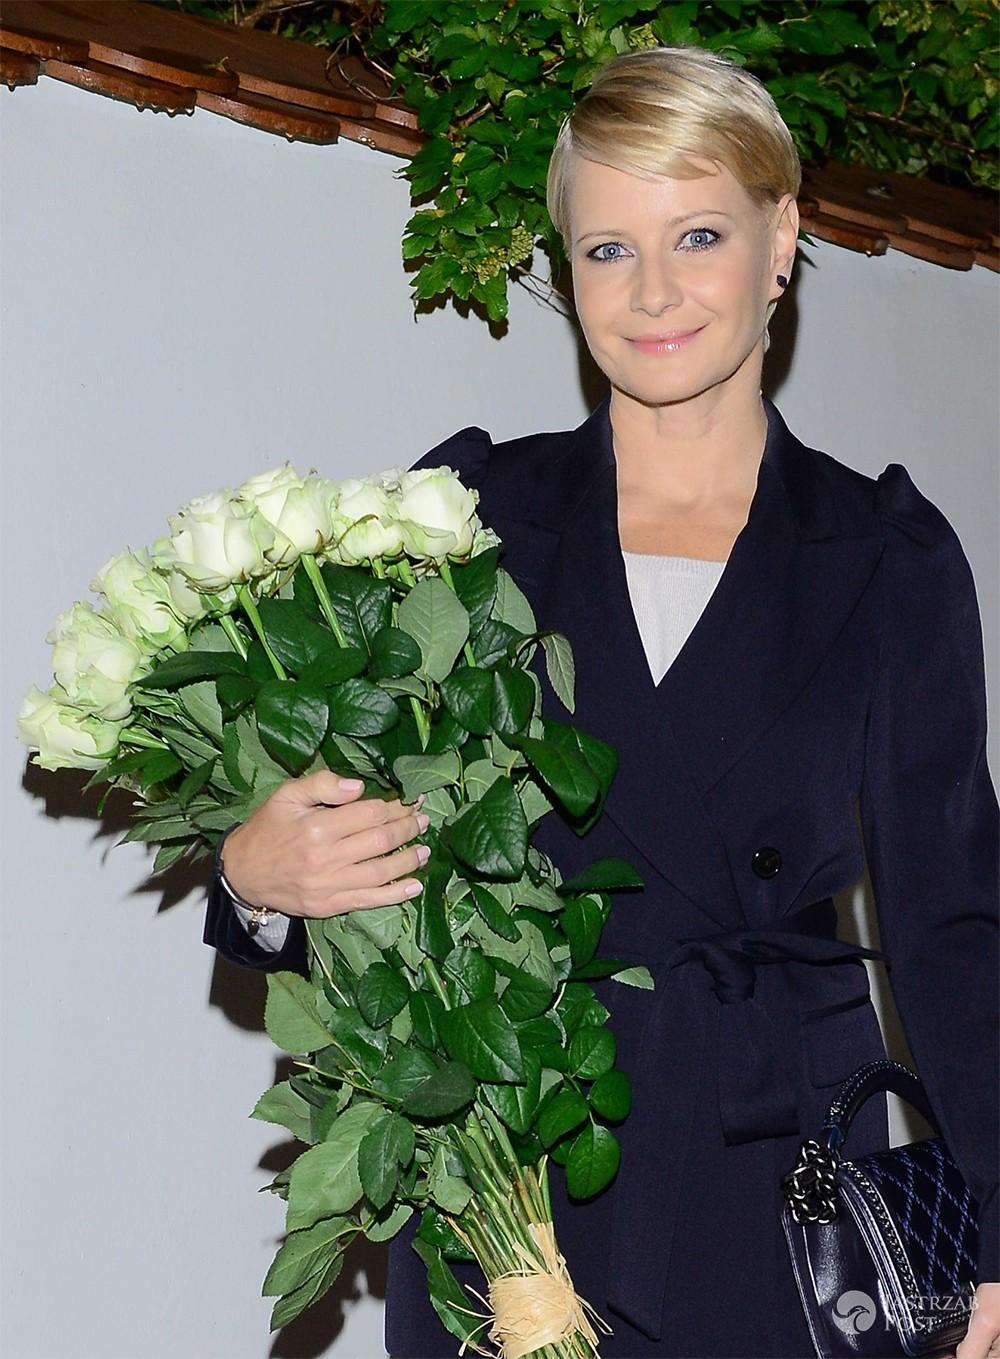 Małgorzata Kożuchowska na zamkniętym pokazie w Teatrze Telewizji